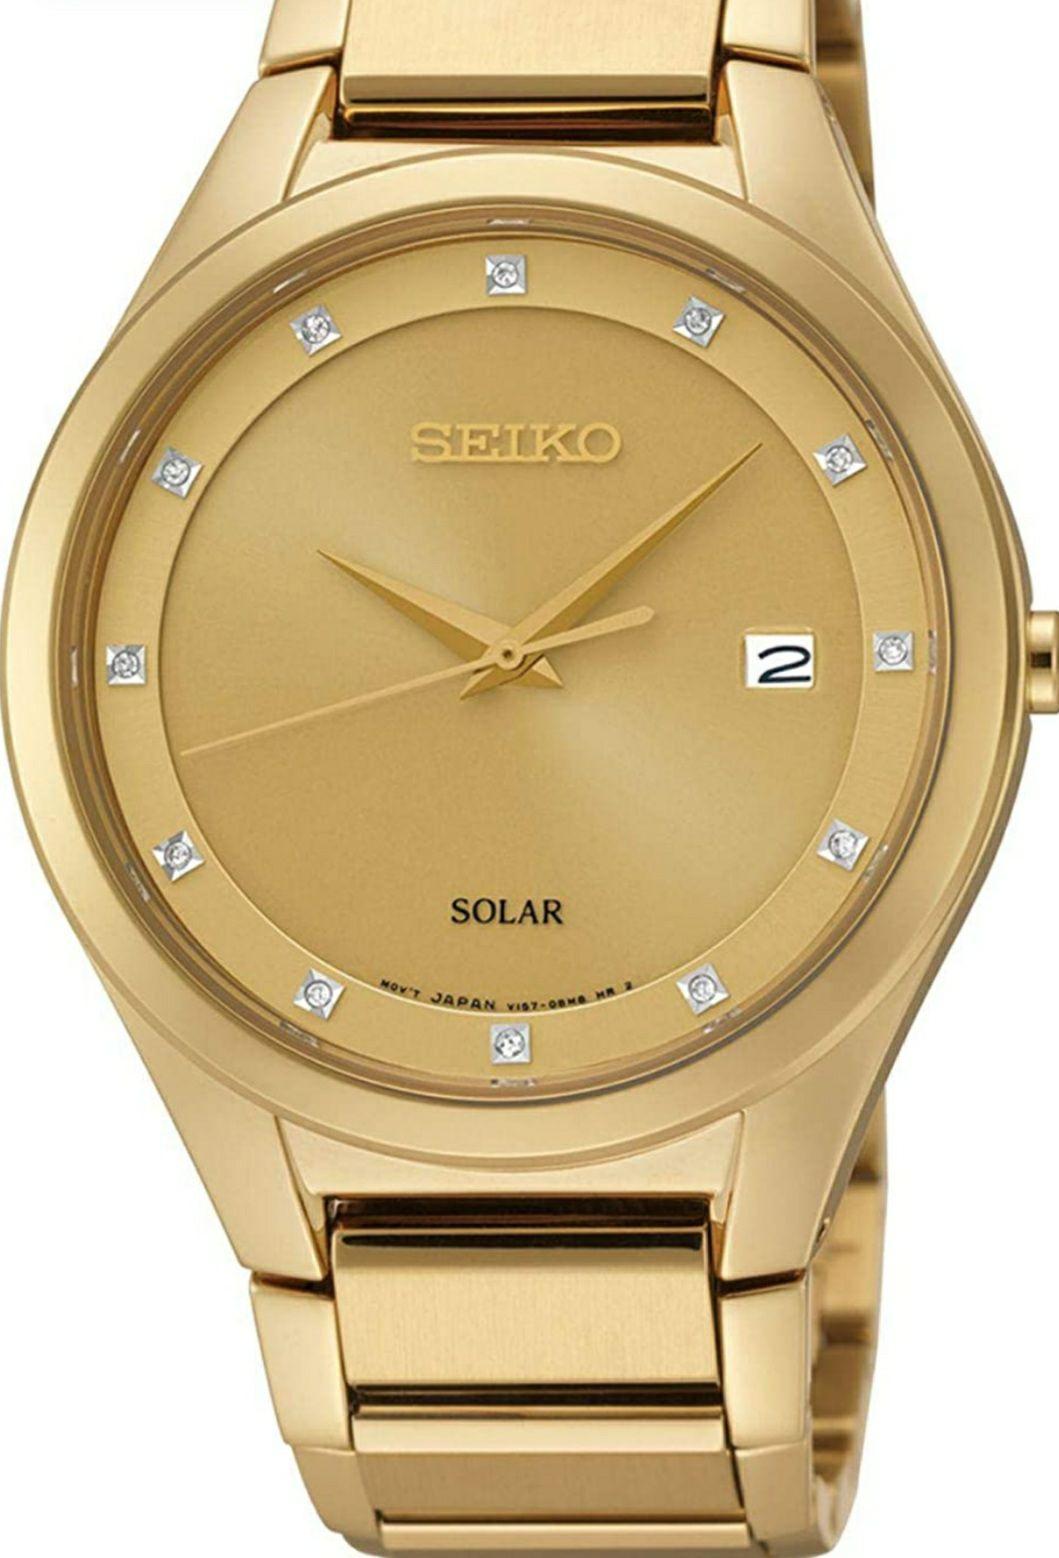 Reloj Seiko Solar hombre (Envio y descuento incluidos)